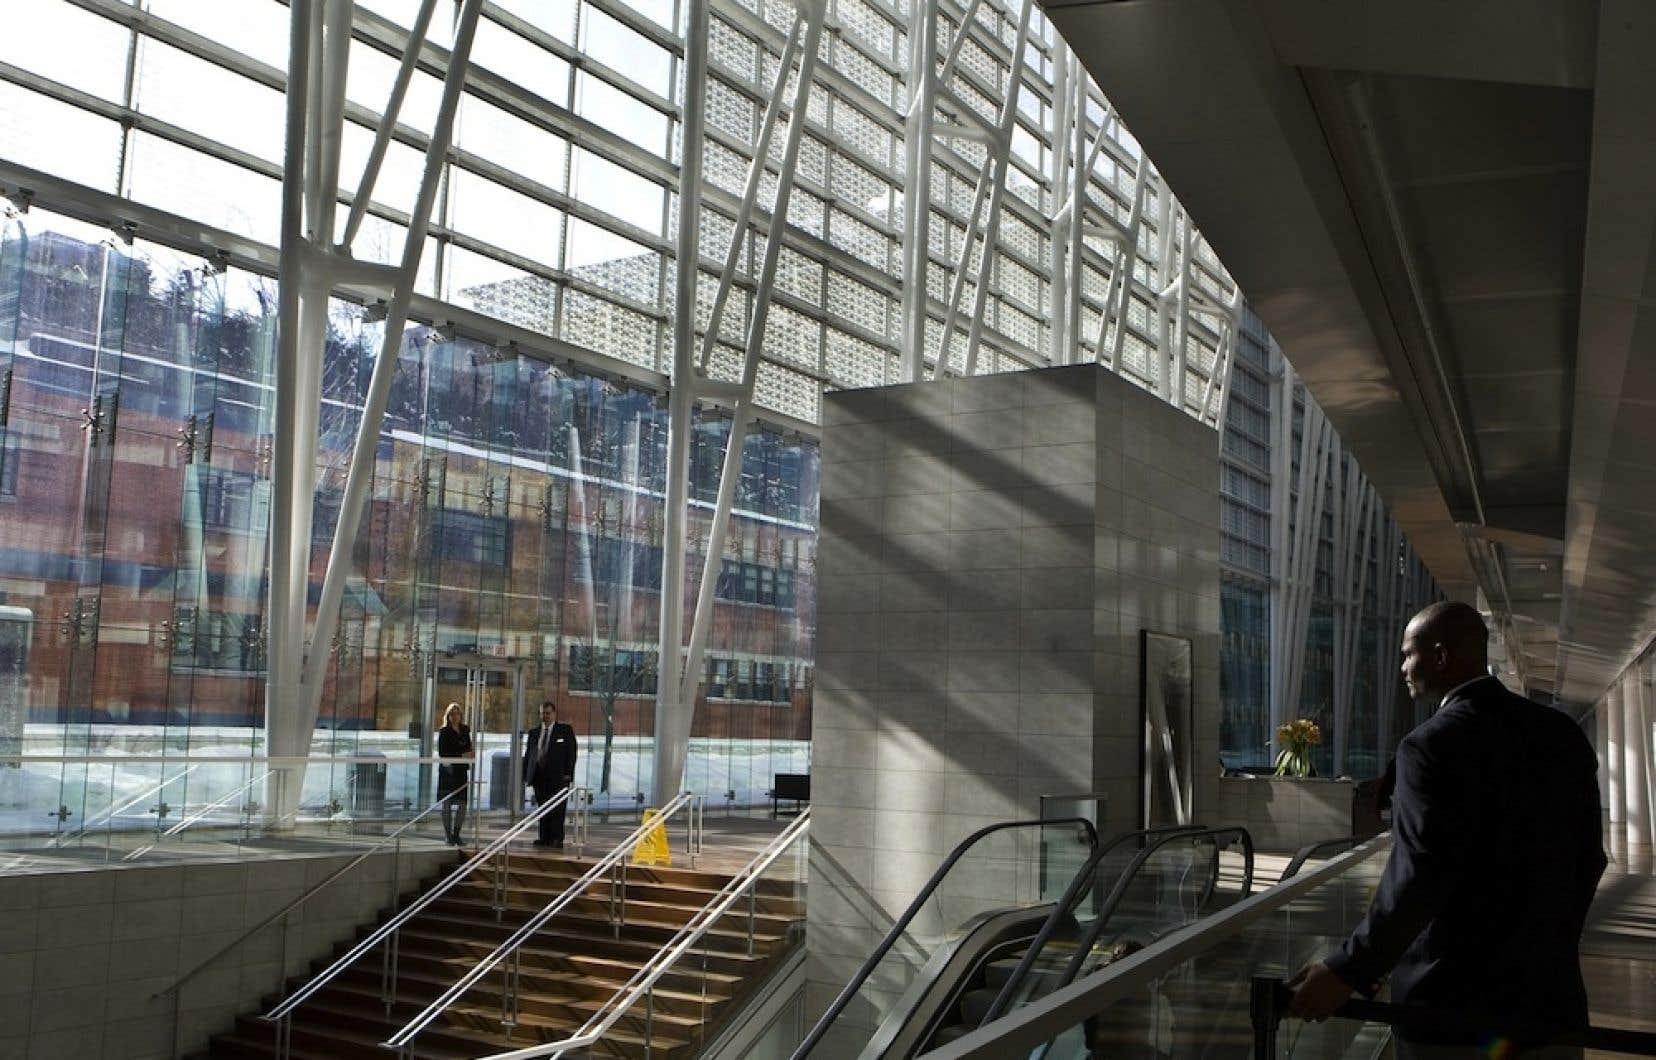 Le virage de la Caissede dépôt et placement du Québecmarquera un « changement culturel énorme » par rapport aux années 2000, estime Michael Sabia.